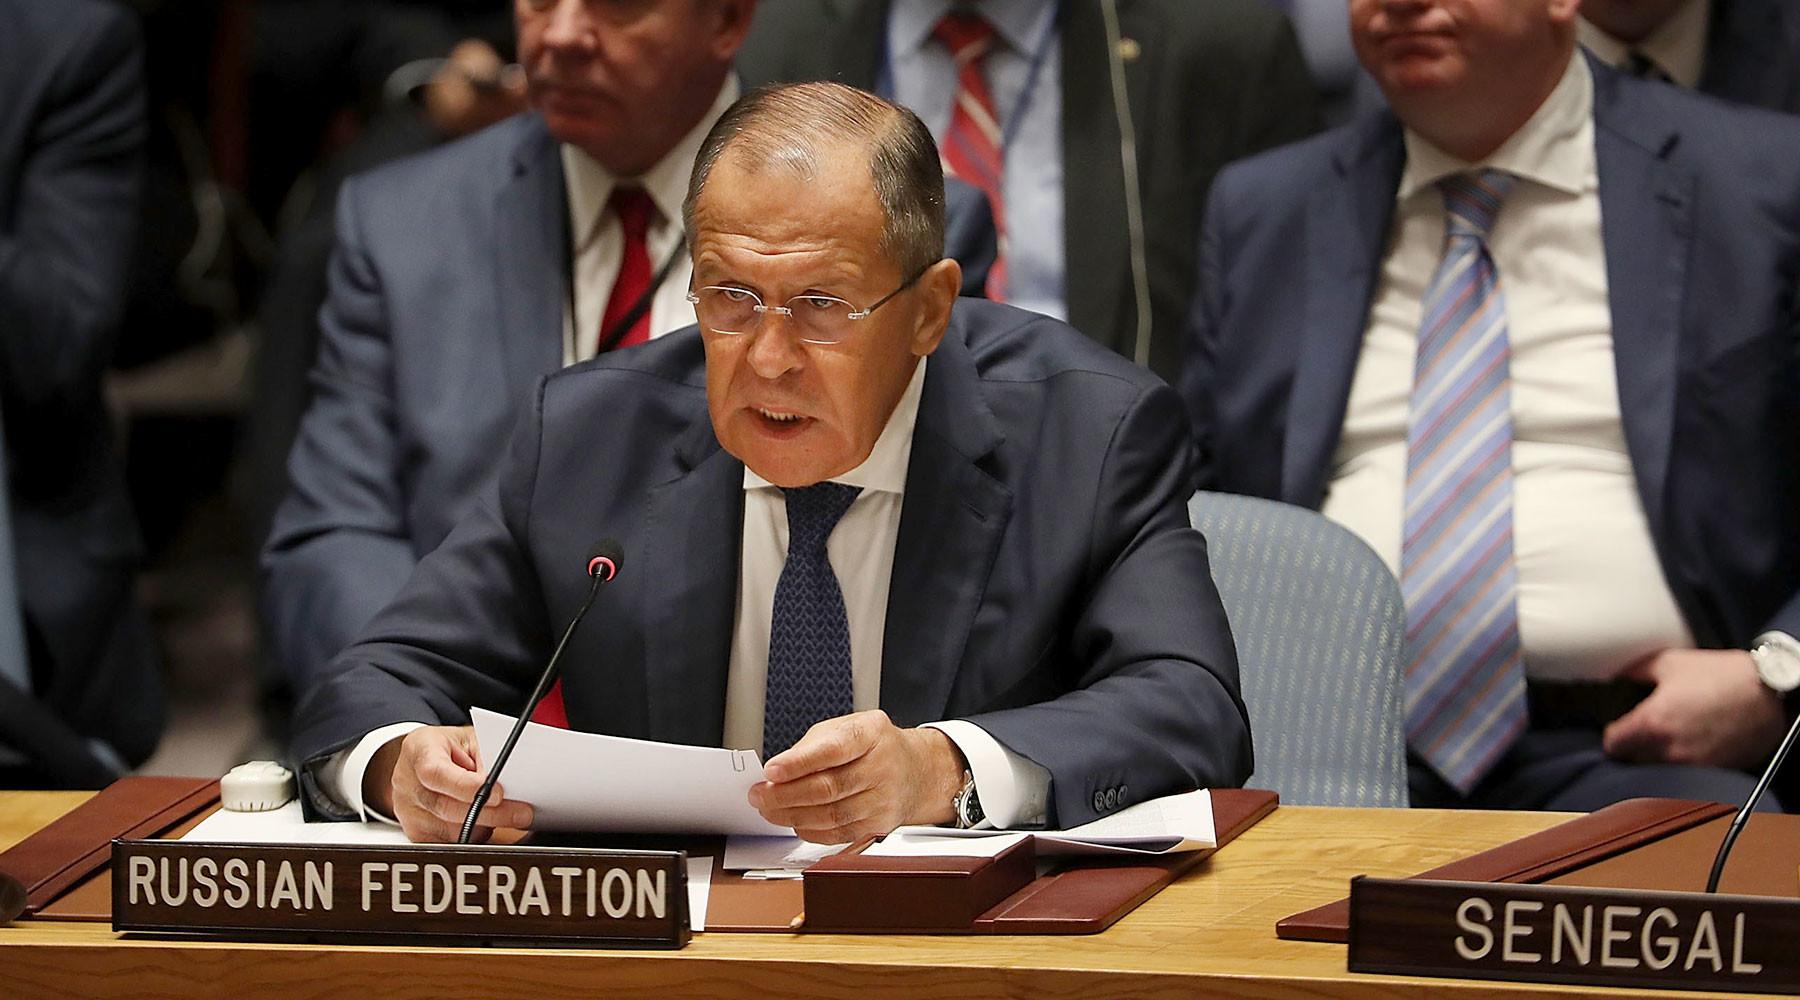 Нашли выход: Порошенко и Пенс покинули зал перед речью Лаврова в Совбезе ООН